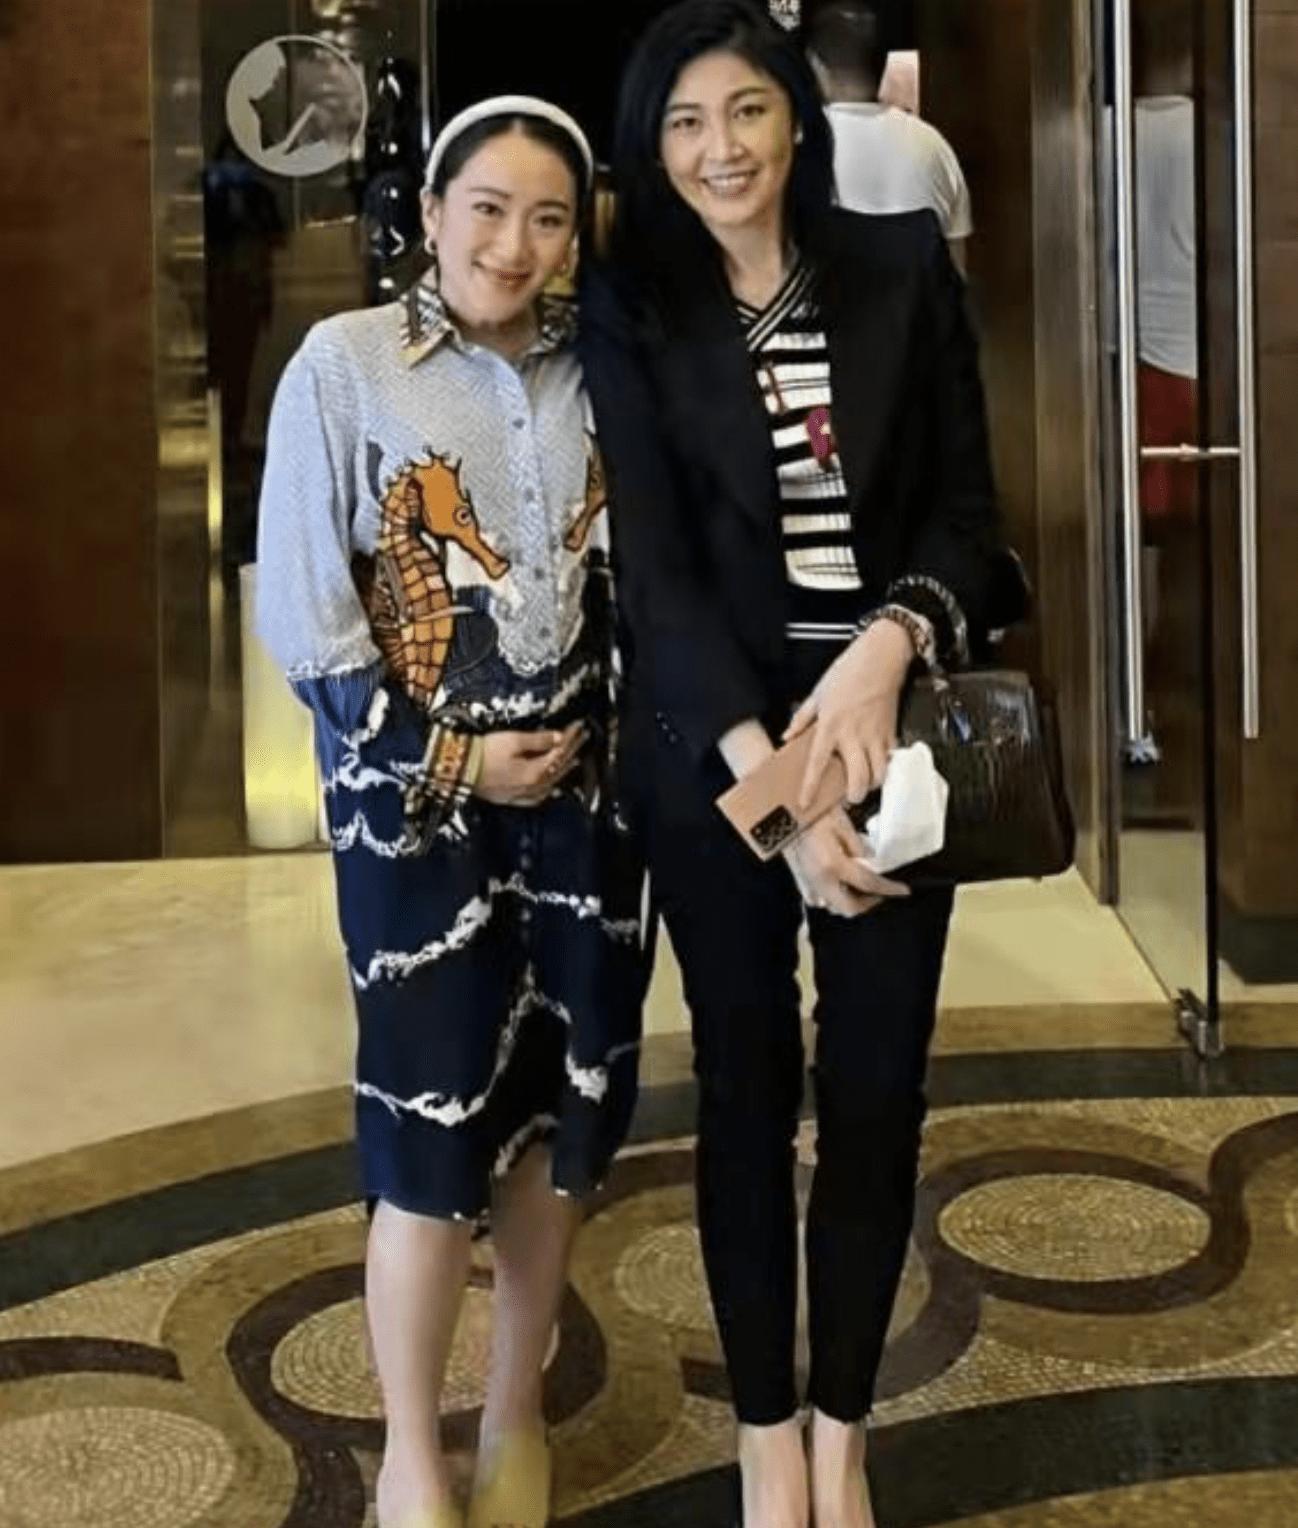 泰国总理,不要太时尚!西装上身很有技巧,印花衬衫穿起来有一种高级感